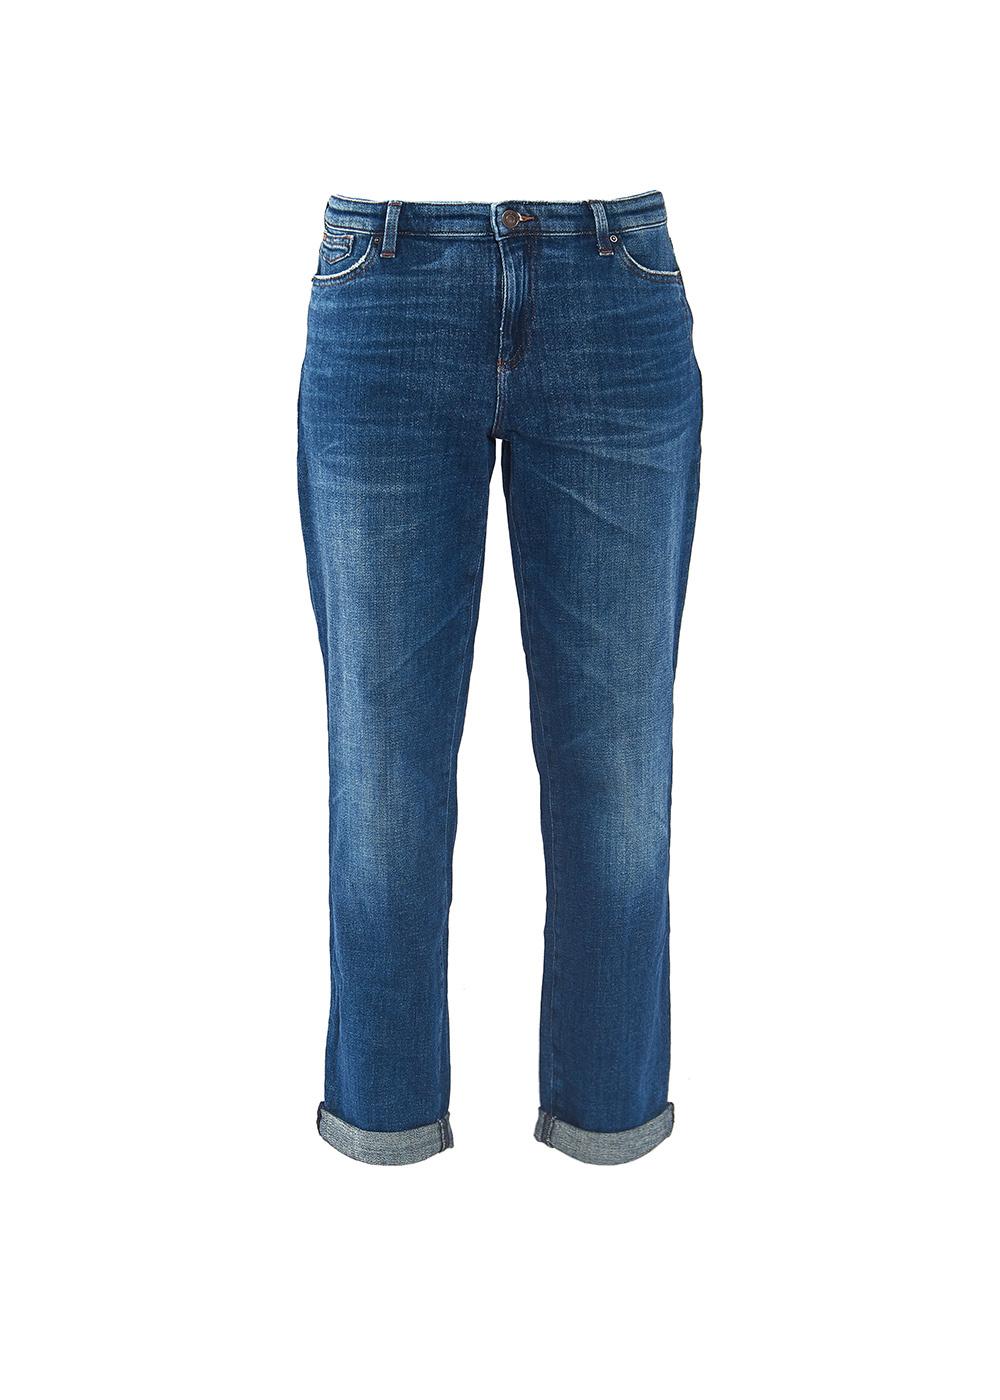 Купить Armani Jeans джинсы